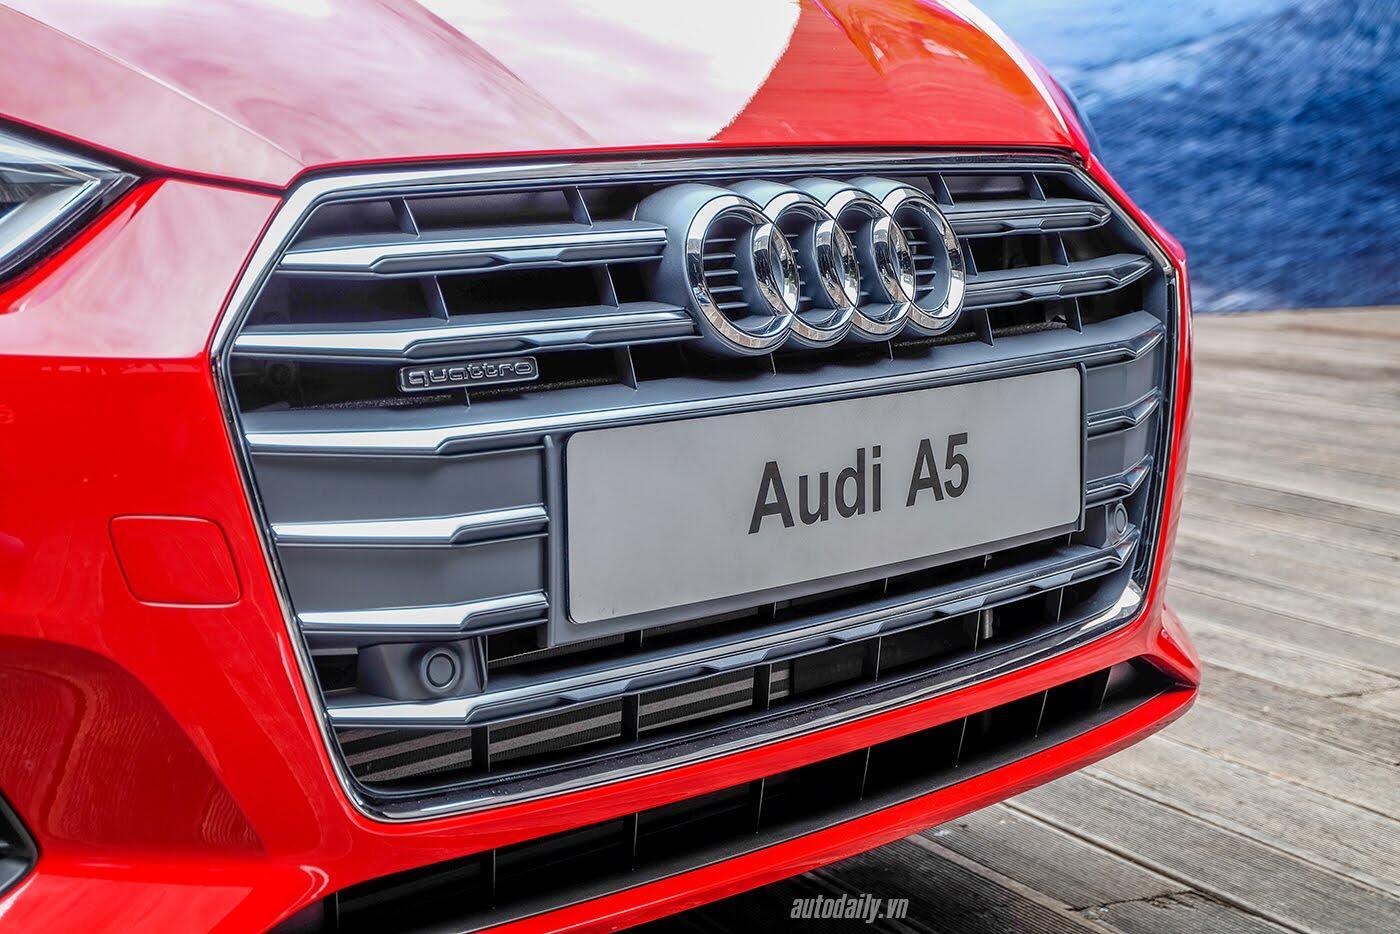 Audi A5 Sportback 2017 chính thức ra mắt tại Việt Nam - Hình 6